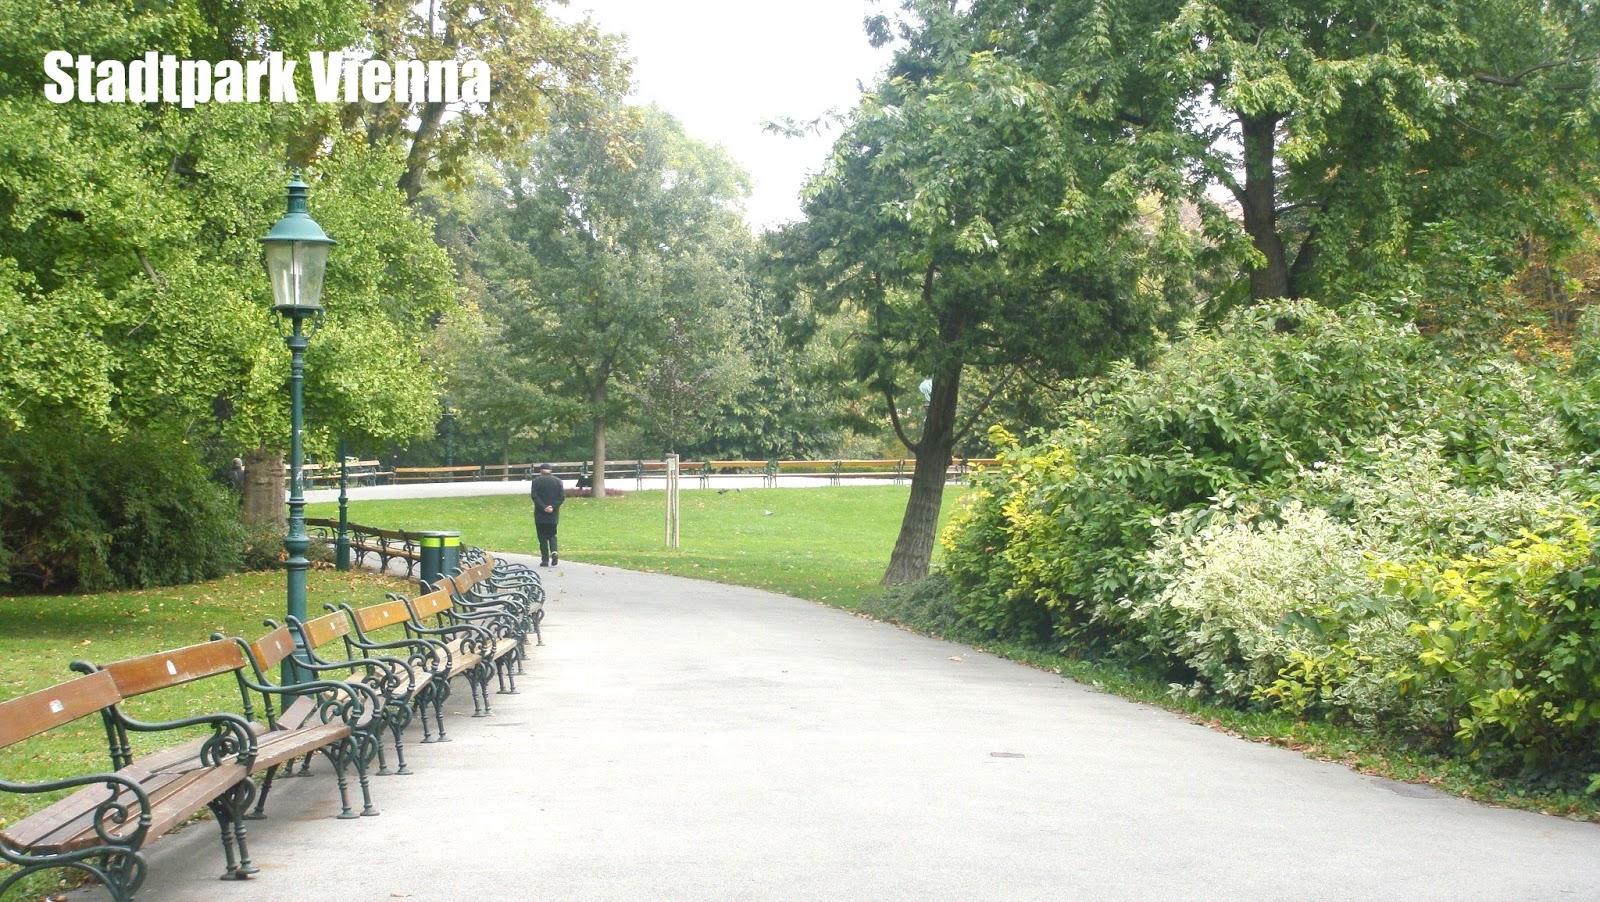 Caminata en el Stadtpark Viena